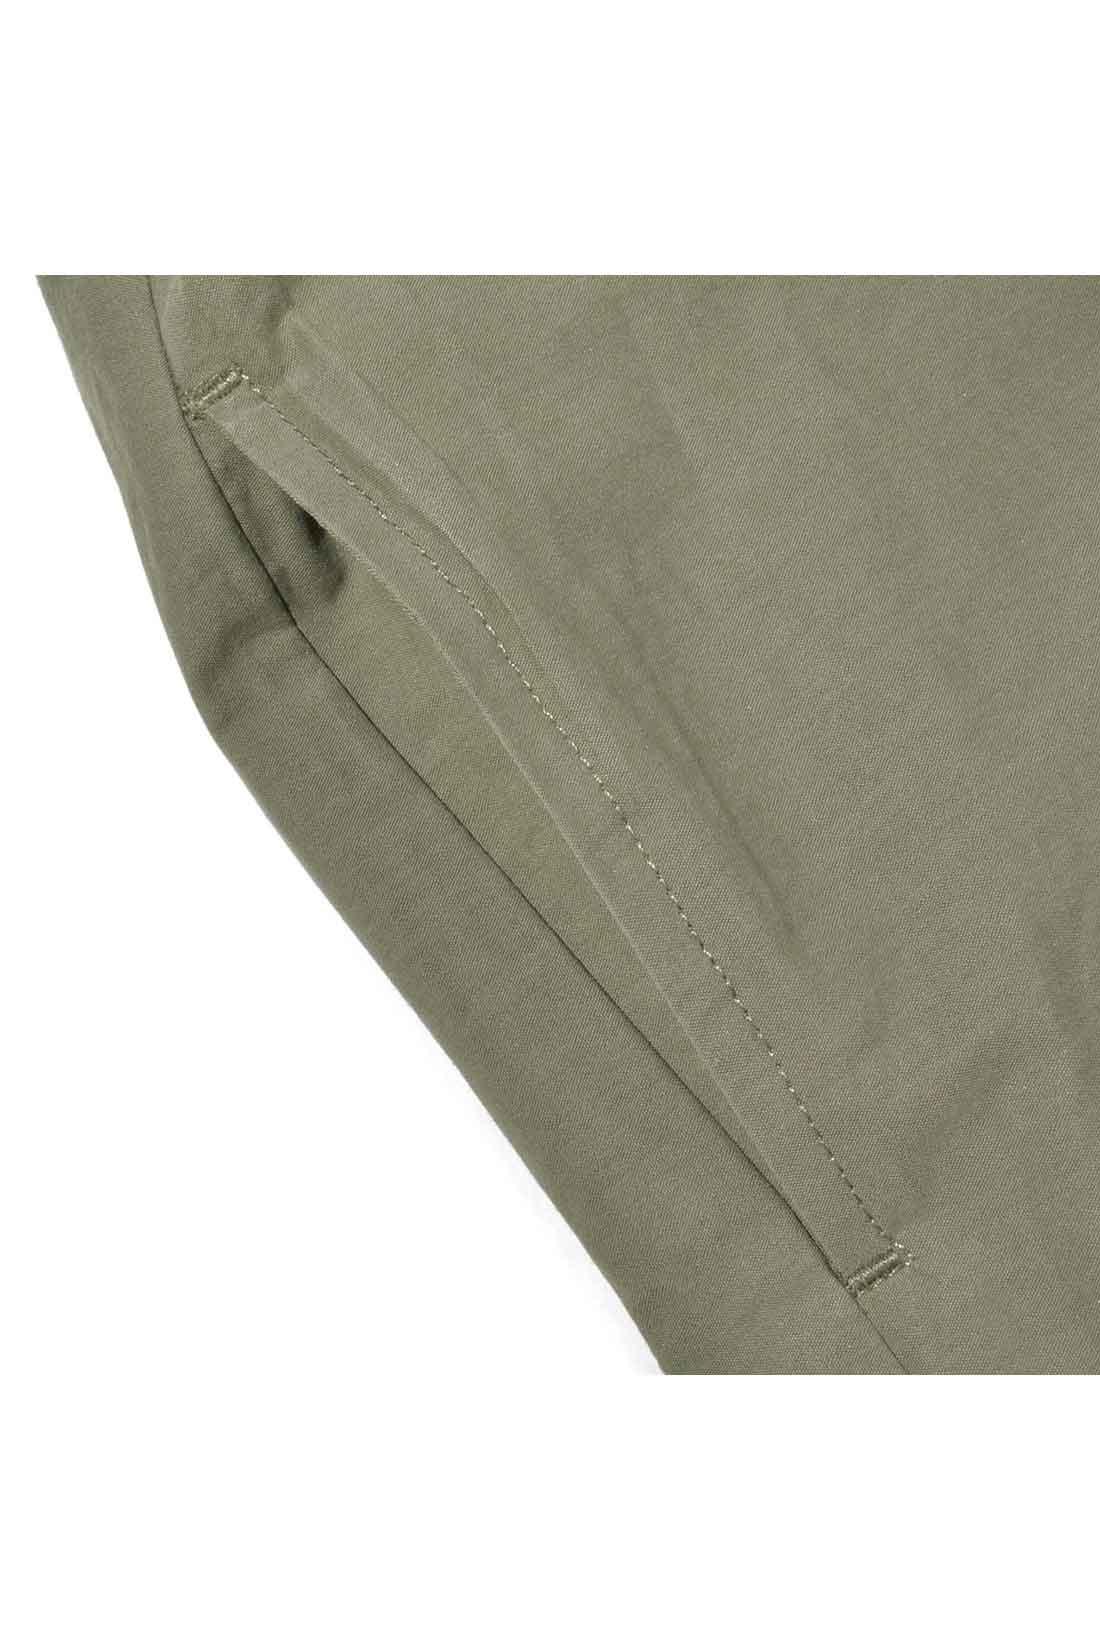 スカート部分はほどよいハリ感のふはく素材。何かと便利なポケット付き。